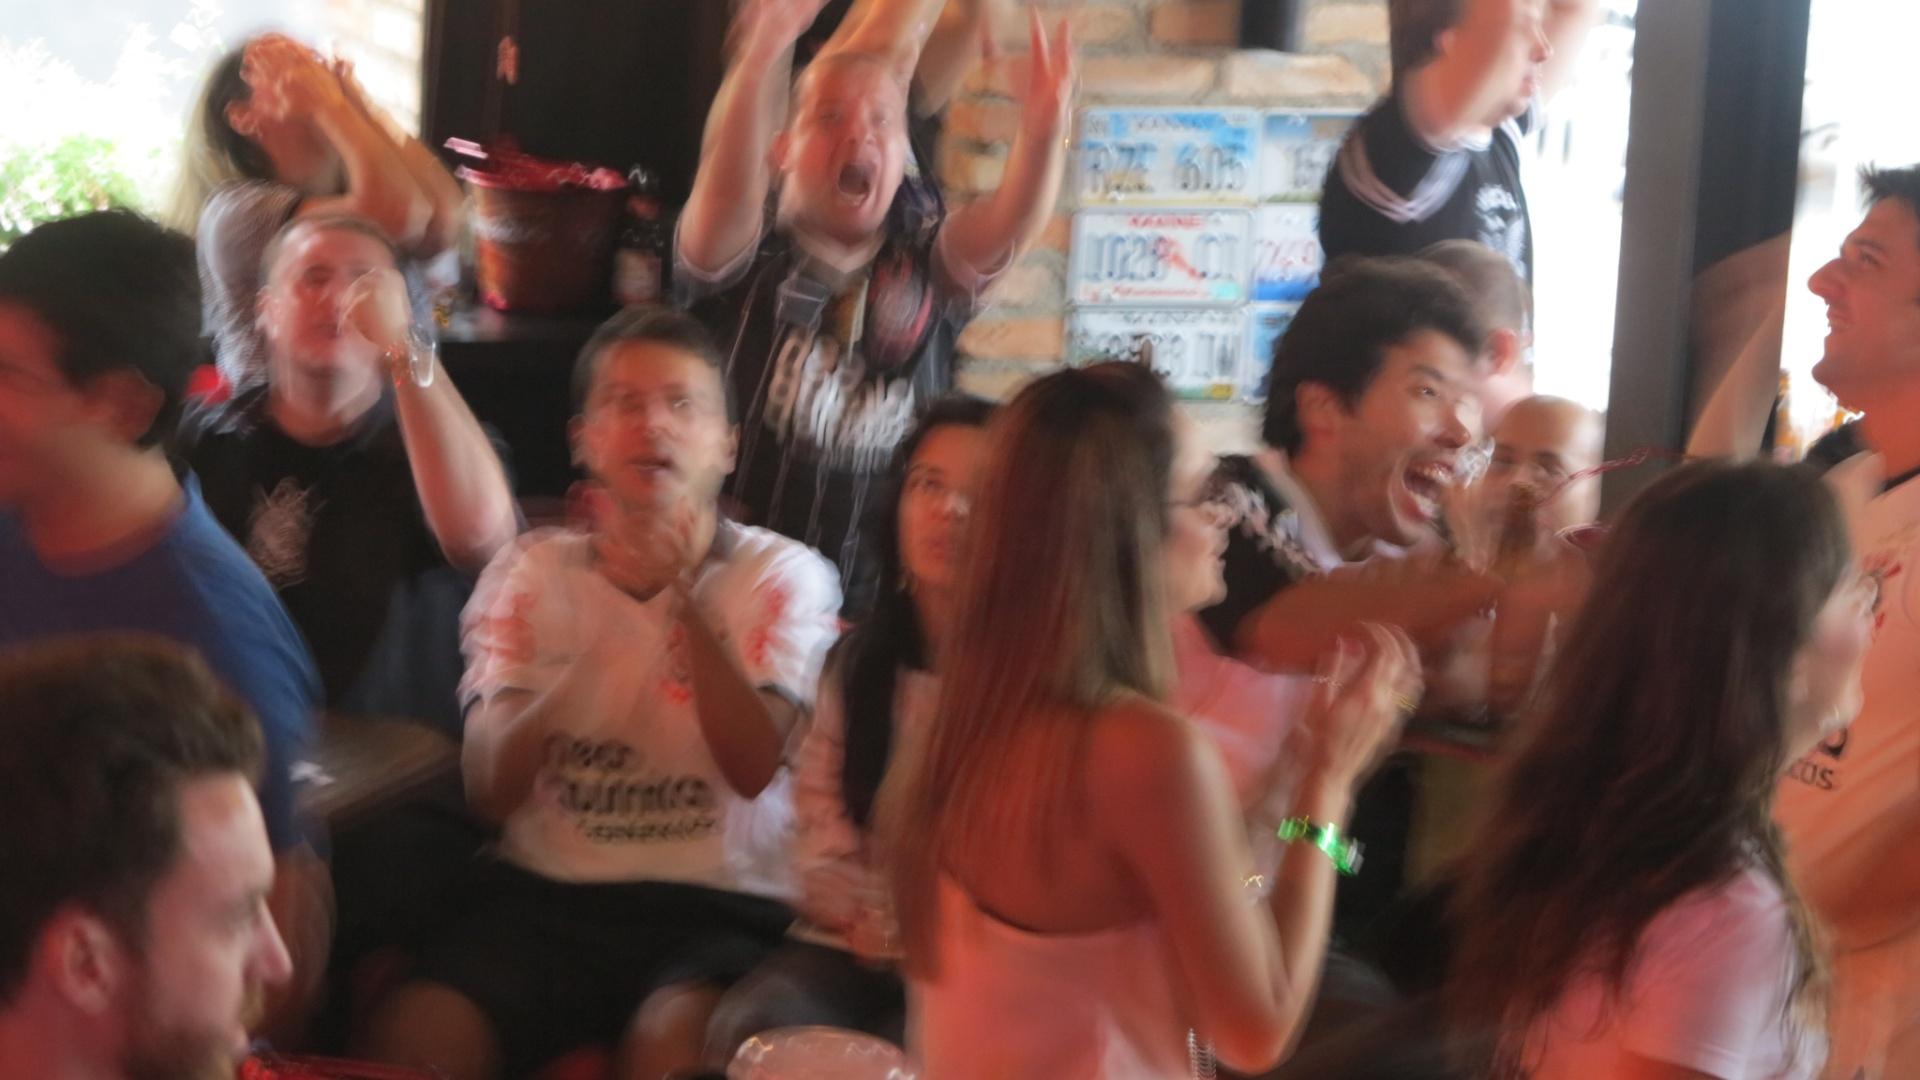 Comemoração de gol no Buddies, no Itaim, onde os corintianos pagaram R$ 8,50 pela caneca de chopp